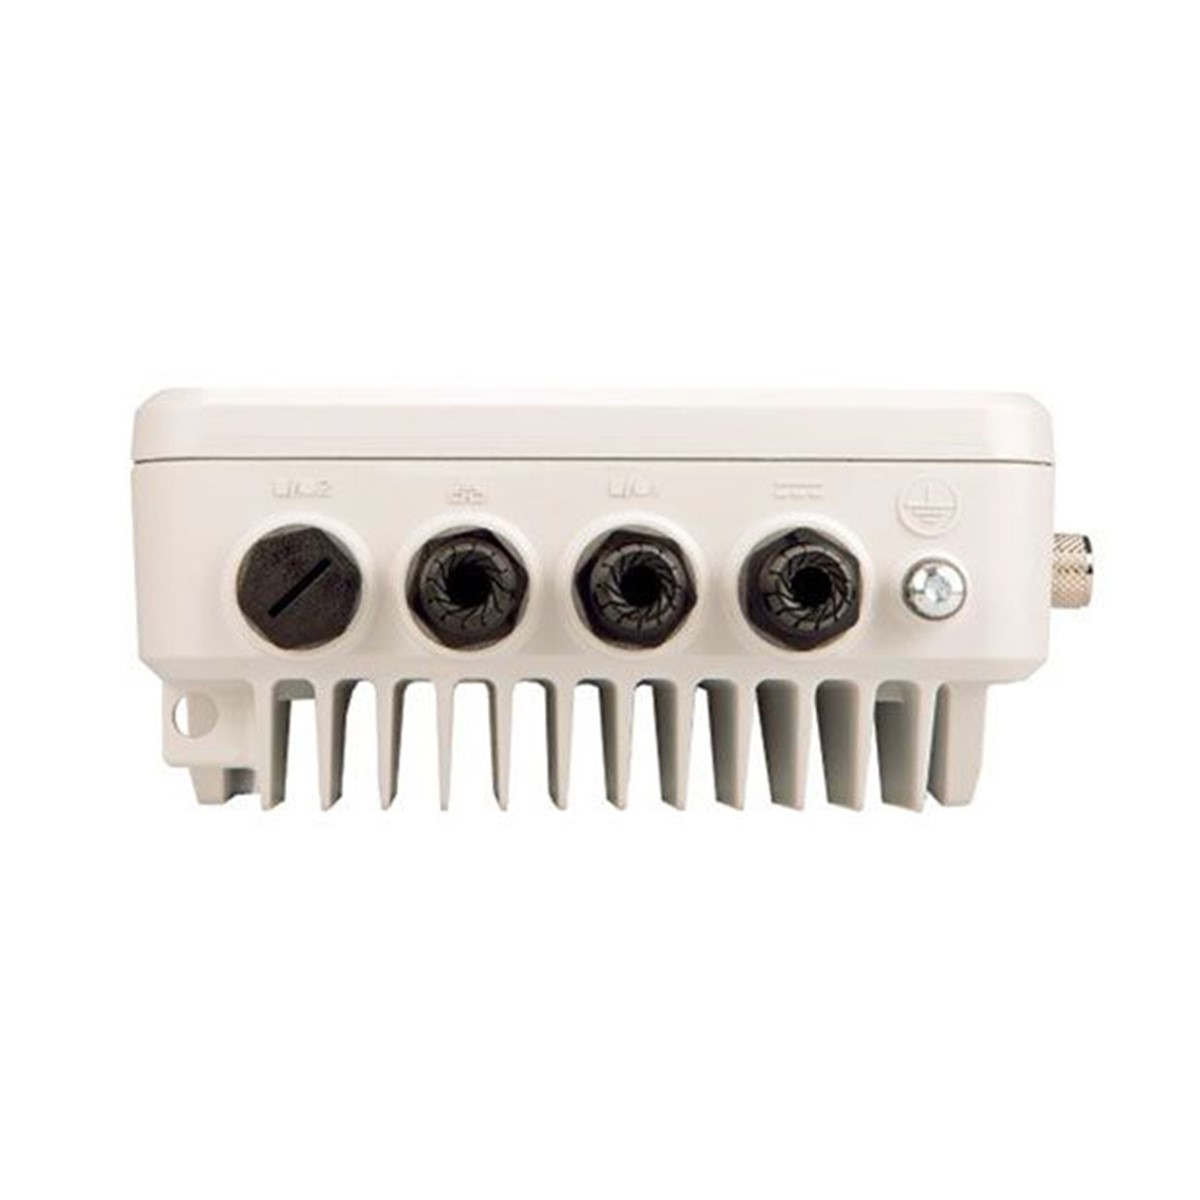 Repetidora Motorola SLR1000 Digital